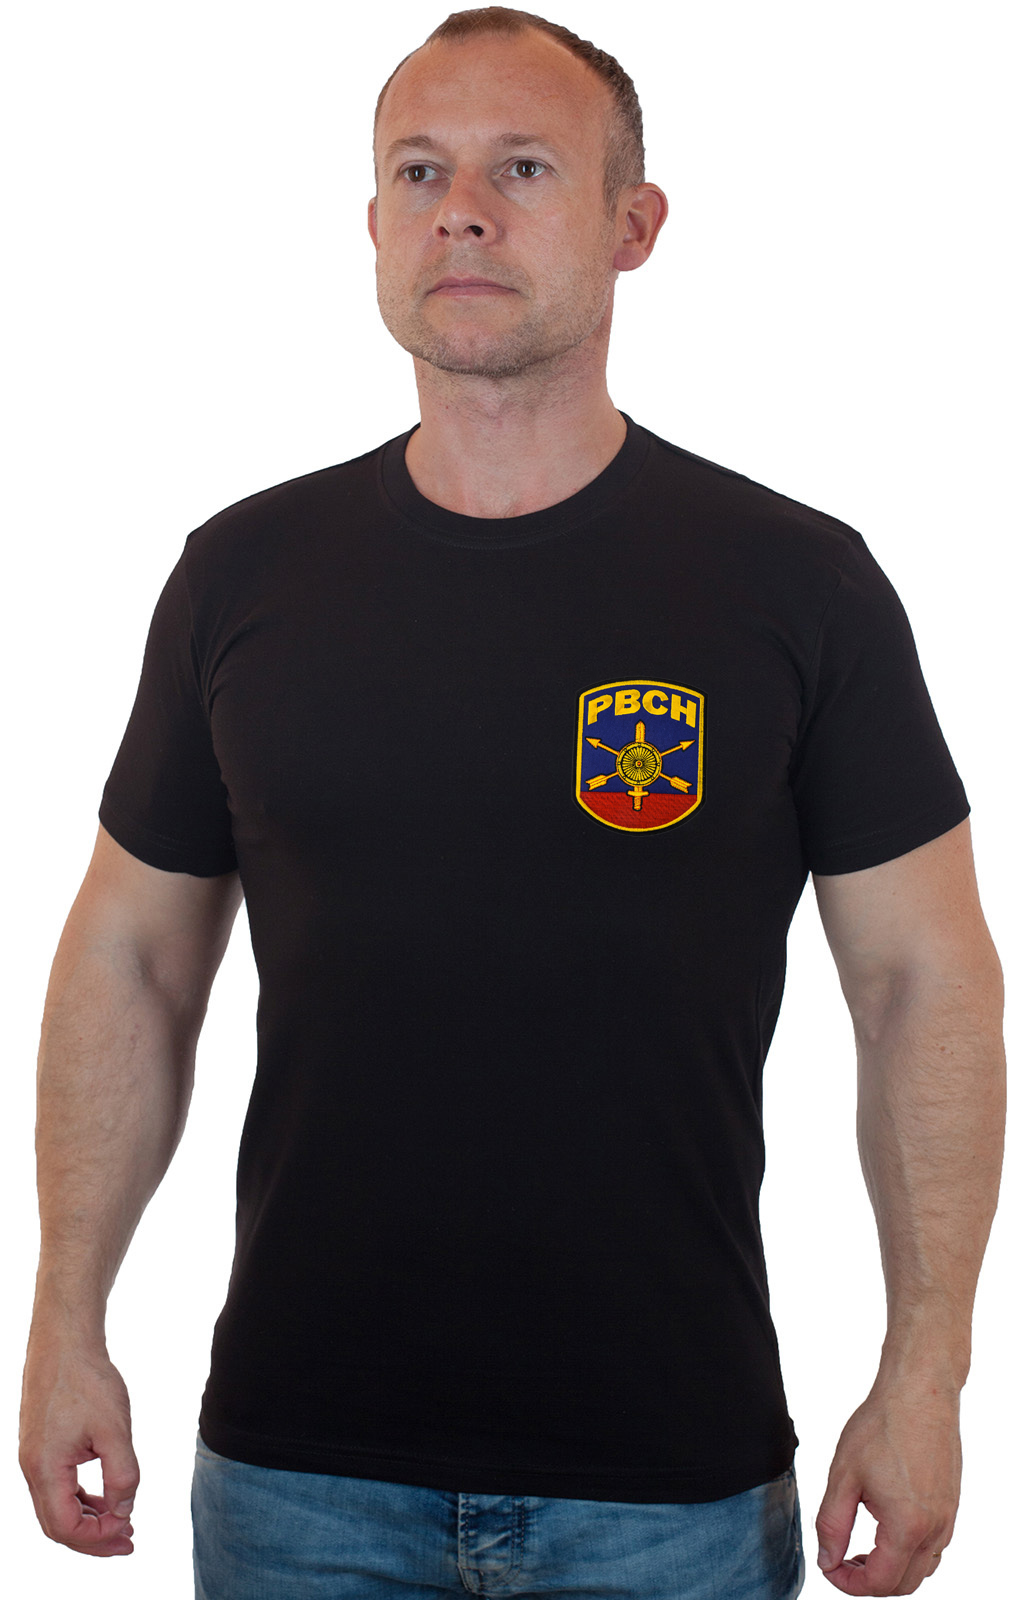 Купить подарок на День Ракетных Войск – мужскую футболку РВСН